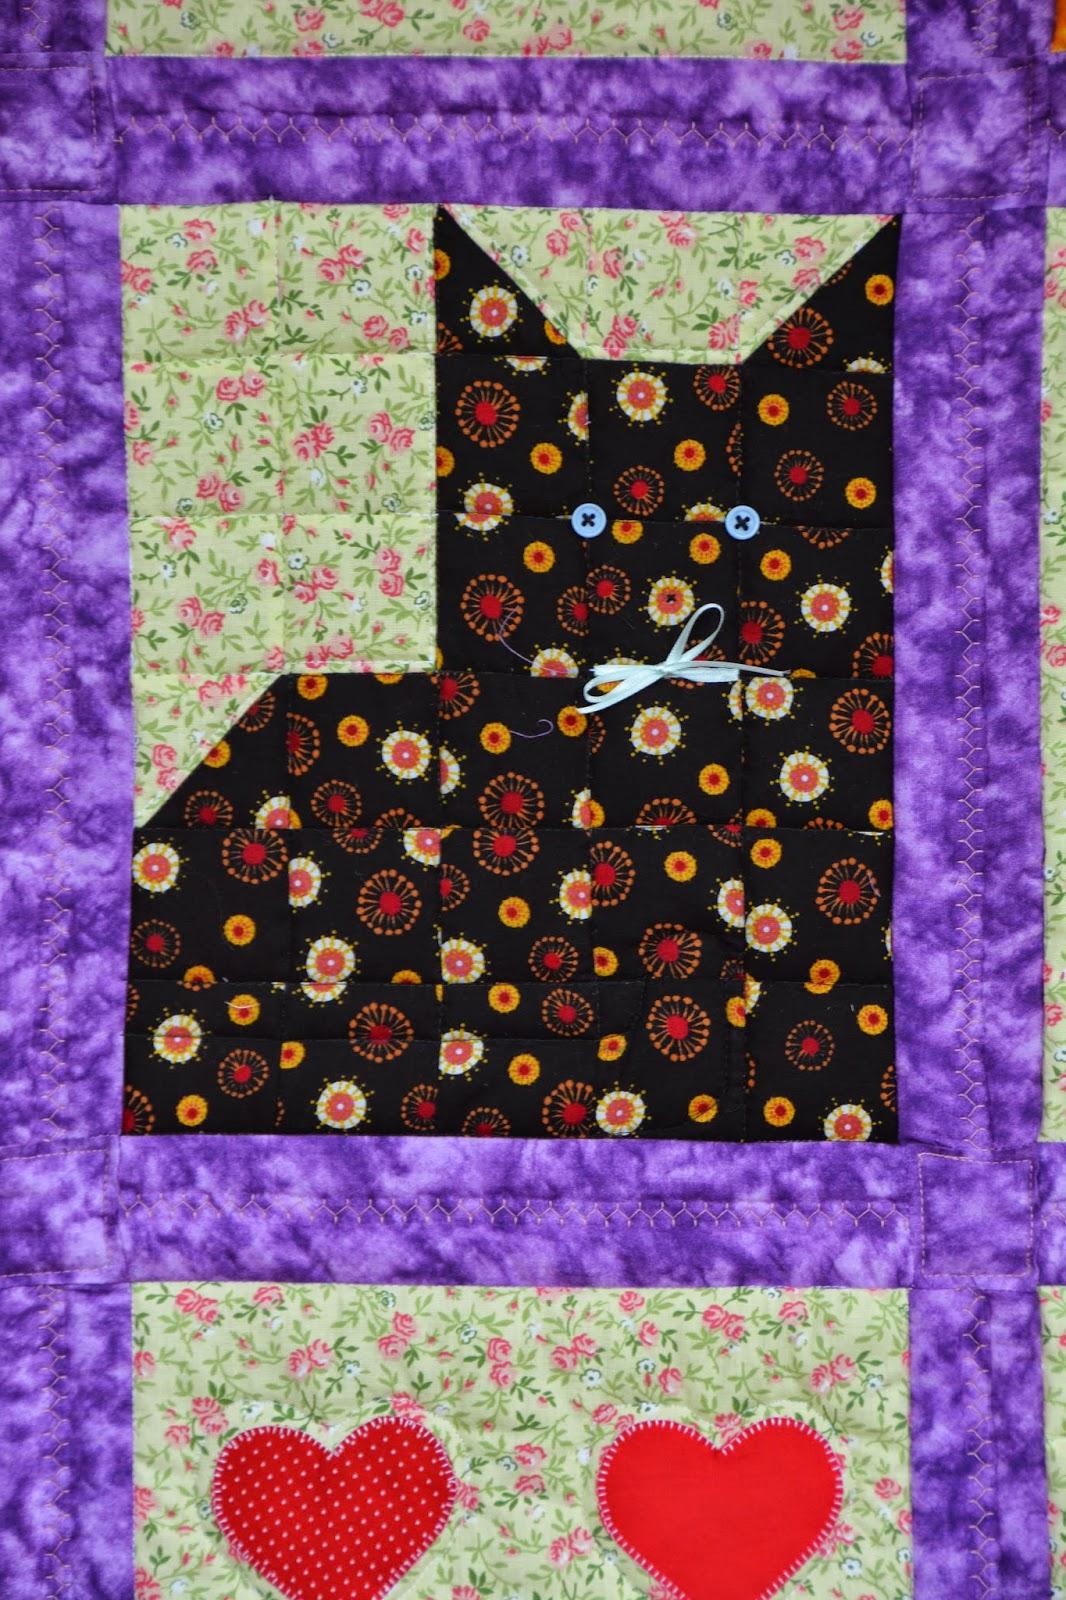 Quiltlogboekcz: poezen en hartjes quilt